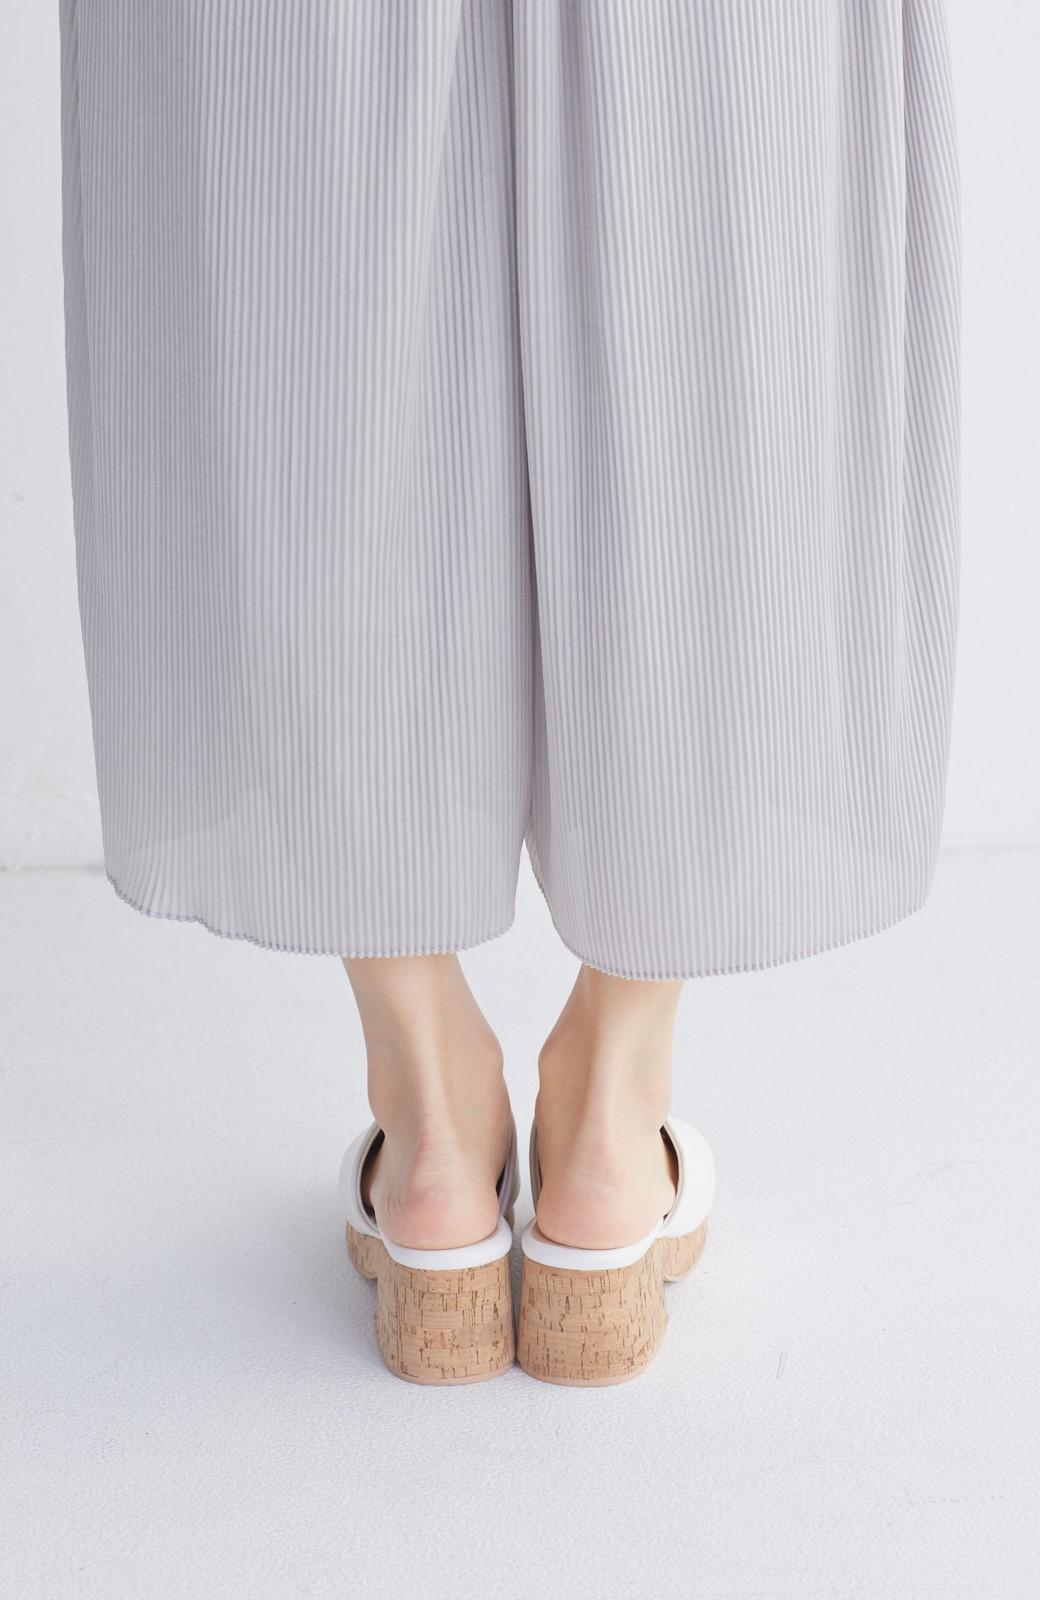 nusy 低&高反発で歩きやすい サボみたいにすぽっとはけるオープントゥサンダル <ホワイト>の商品写真5